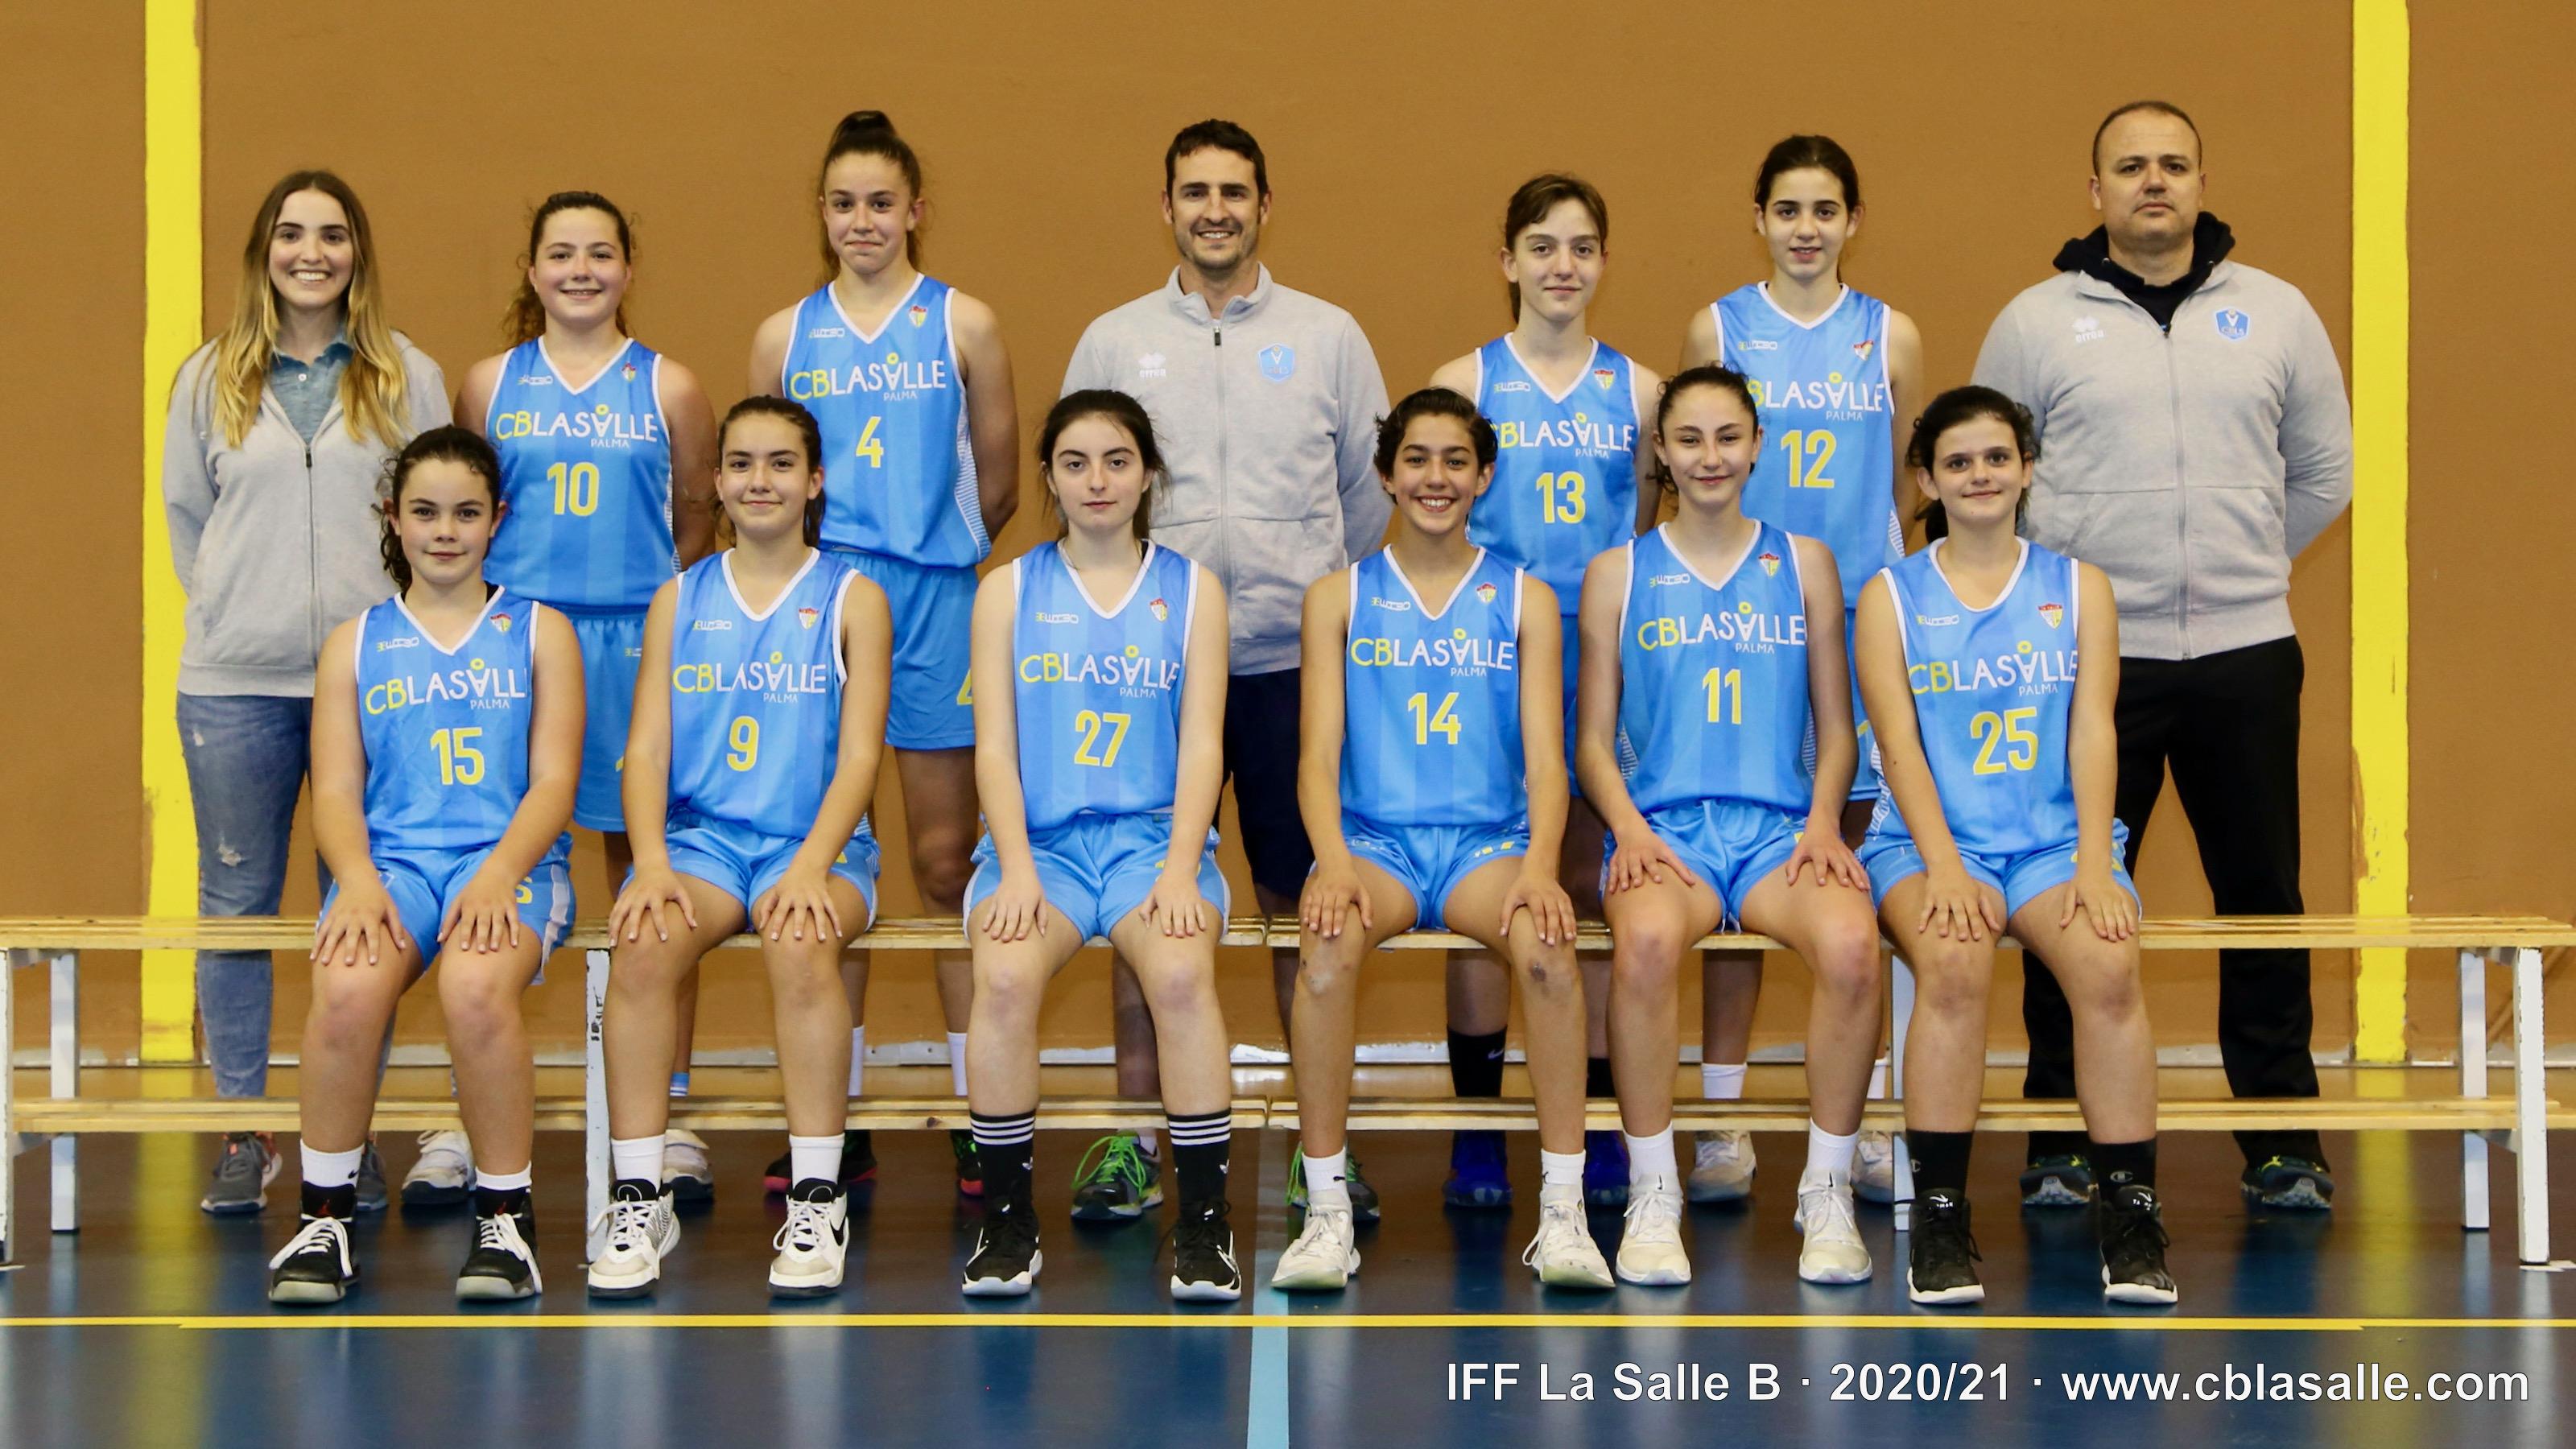 IFF Salle B